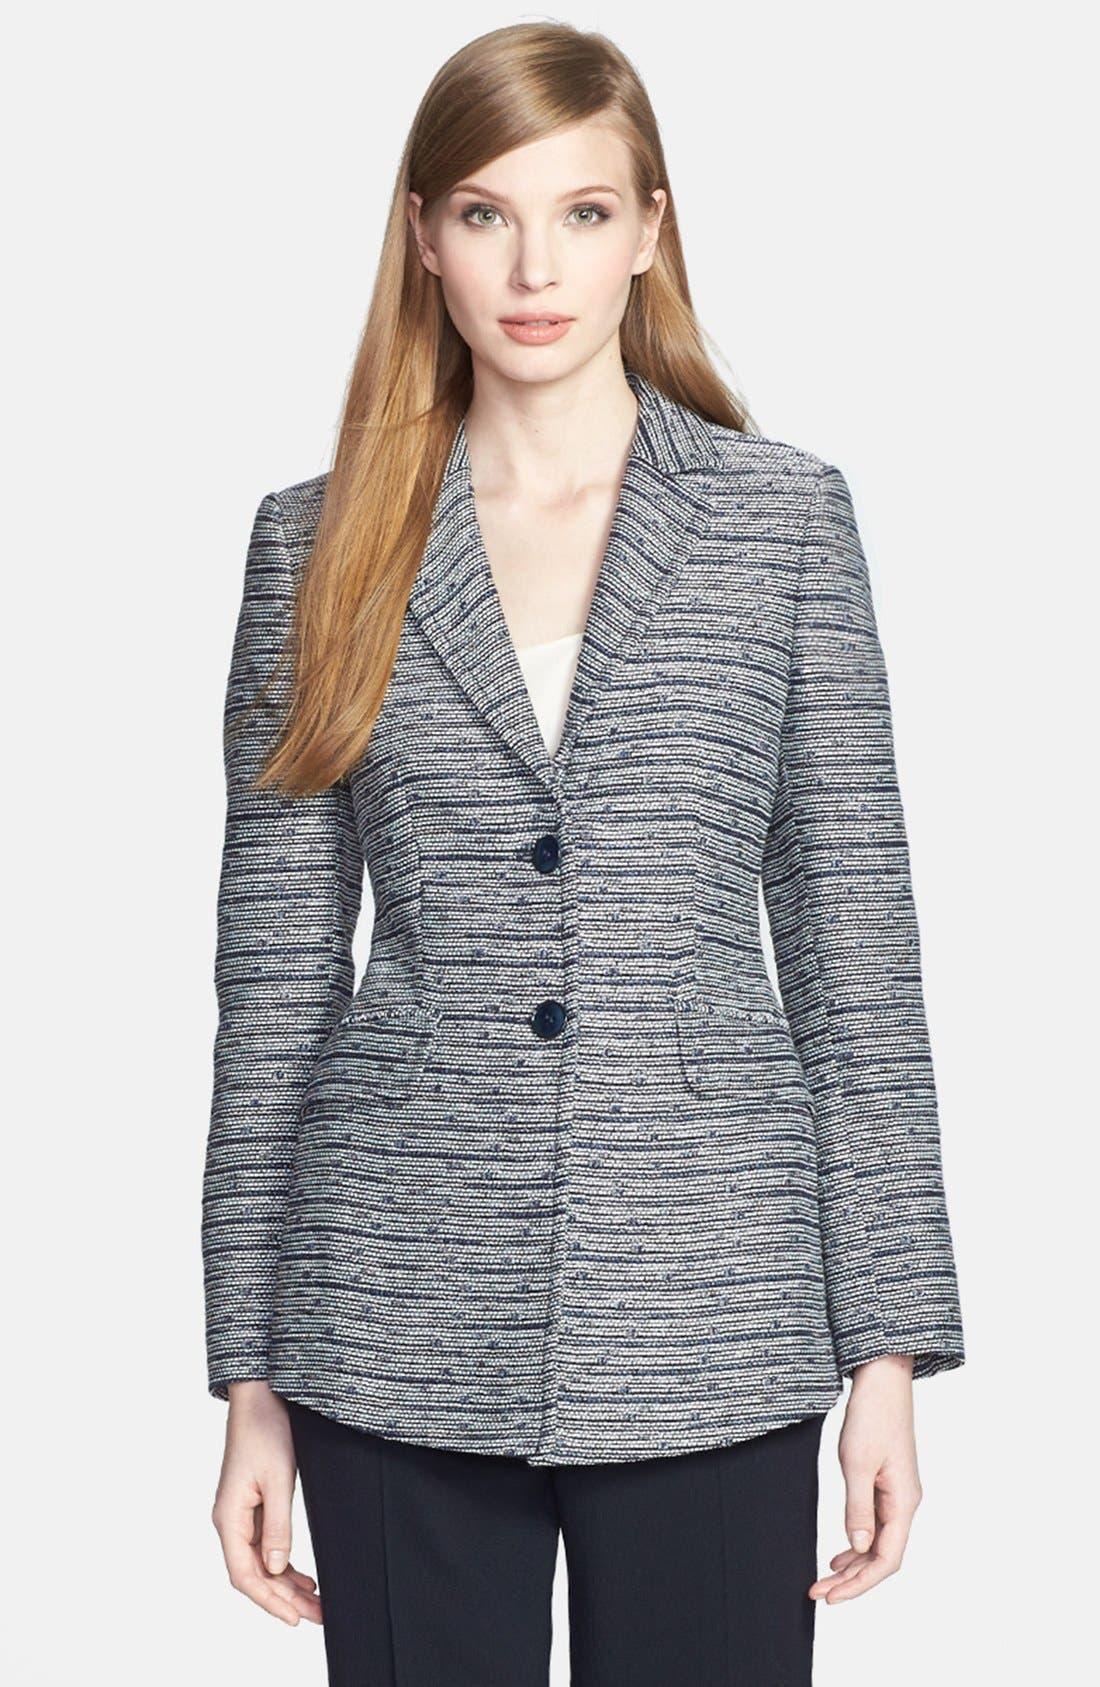 Alternate Image 1 Selected - Santorelli Tweed Jacket